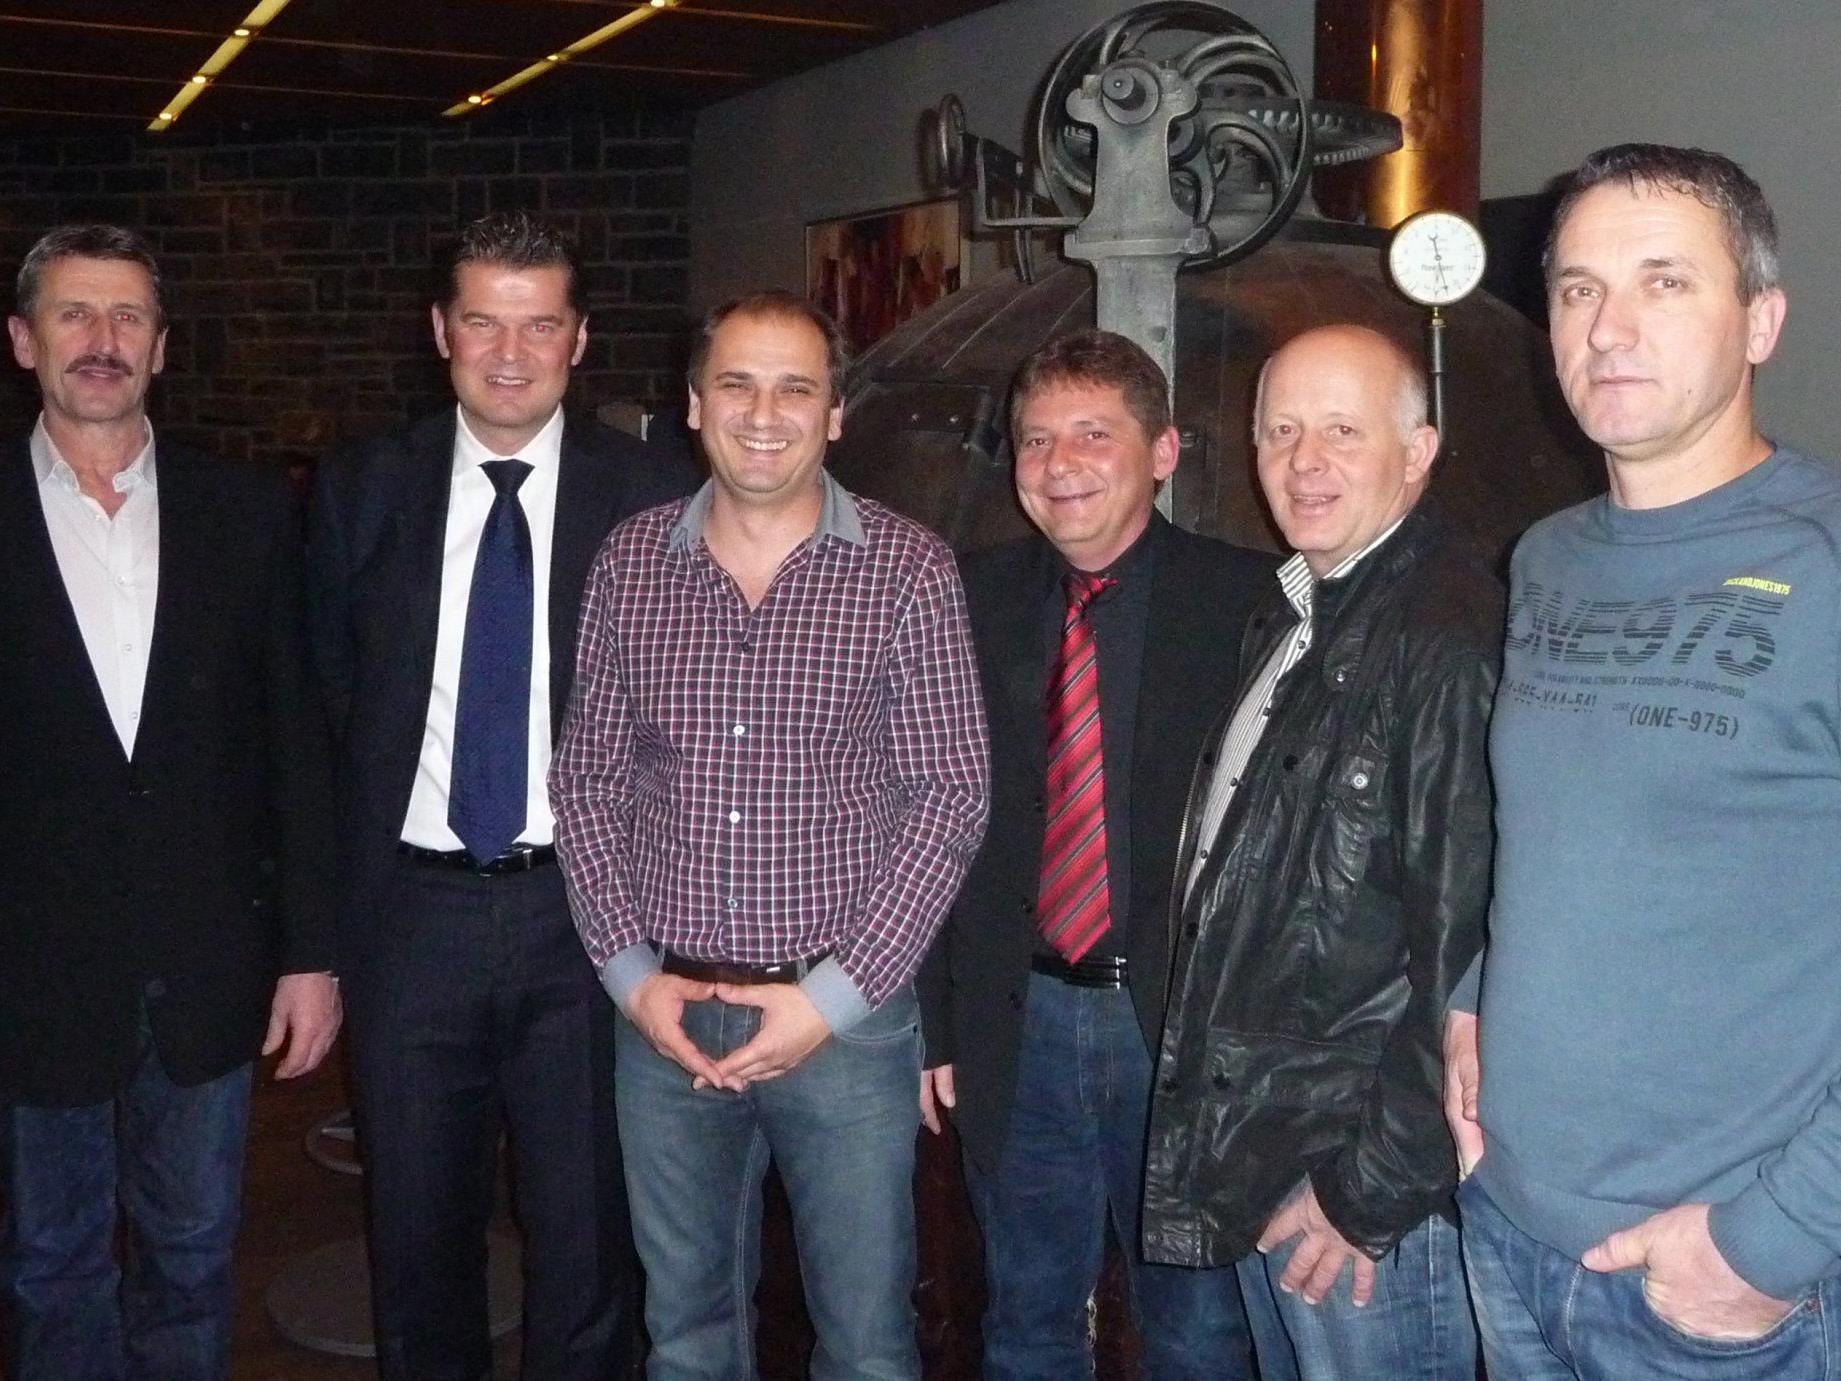 Obmann Reinhard Summer, GF Raimund Wachter, Djuric Zoran, BL Johannes Wehinger, Obmann Stv. Reinhard Hofer, Hirkic Hakija.